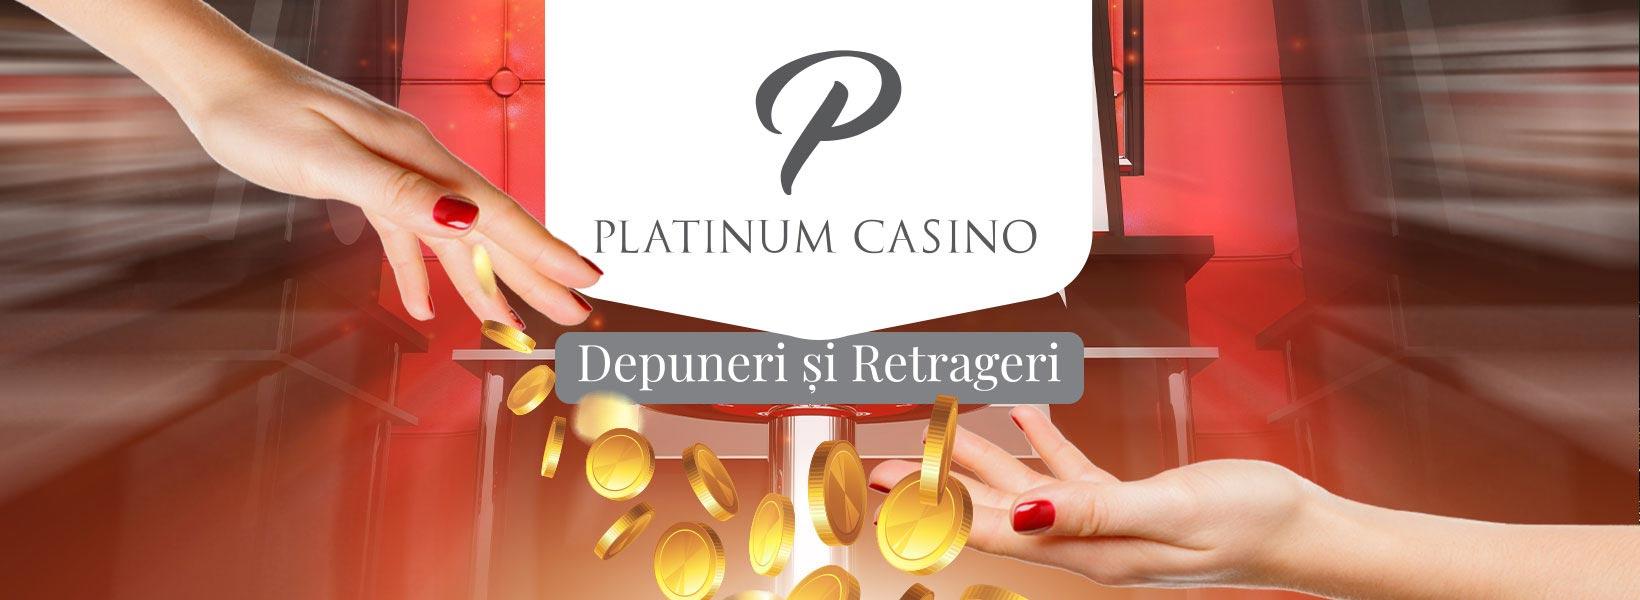 depunere platinum